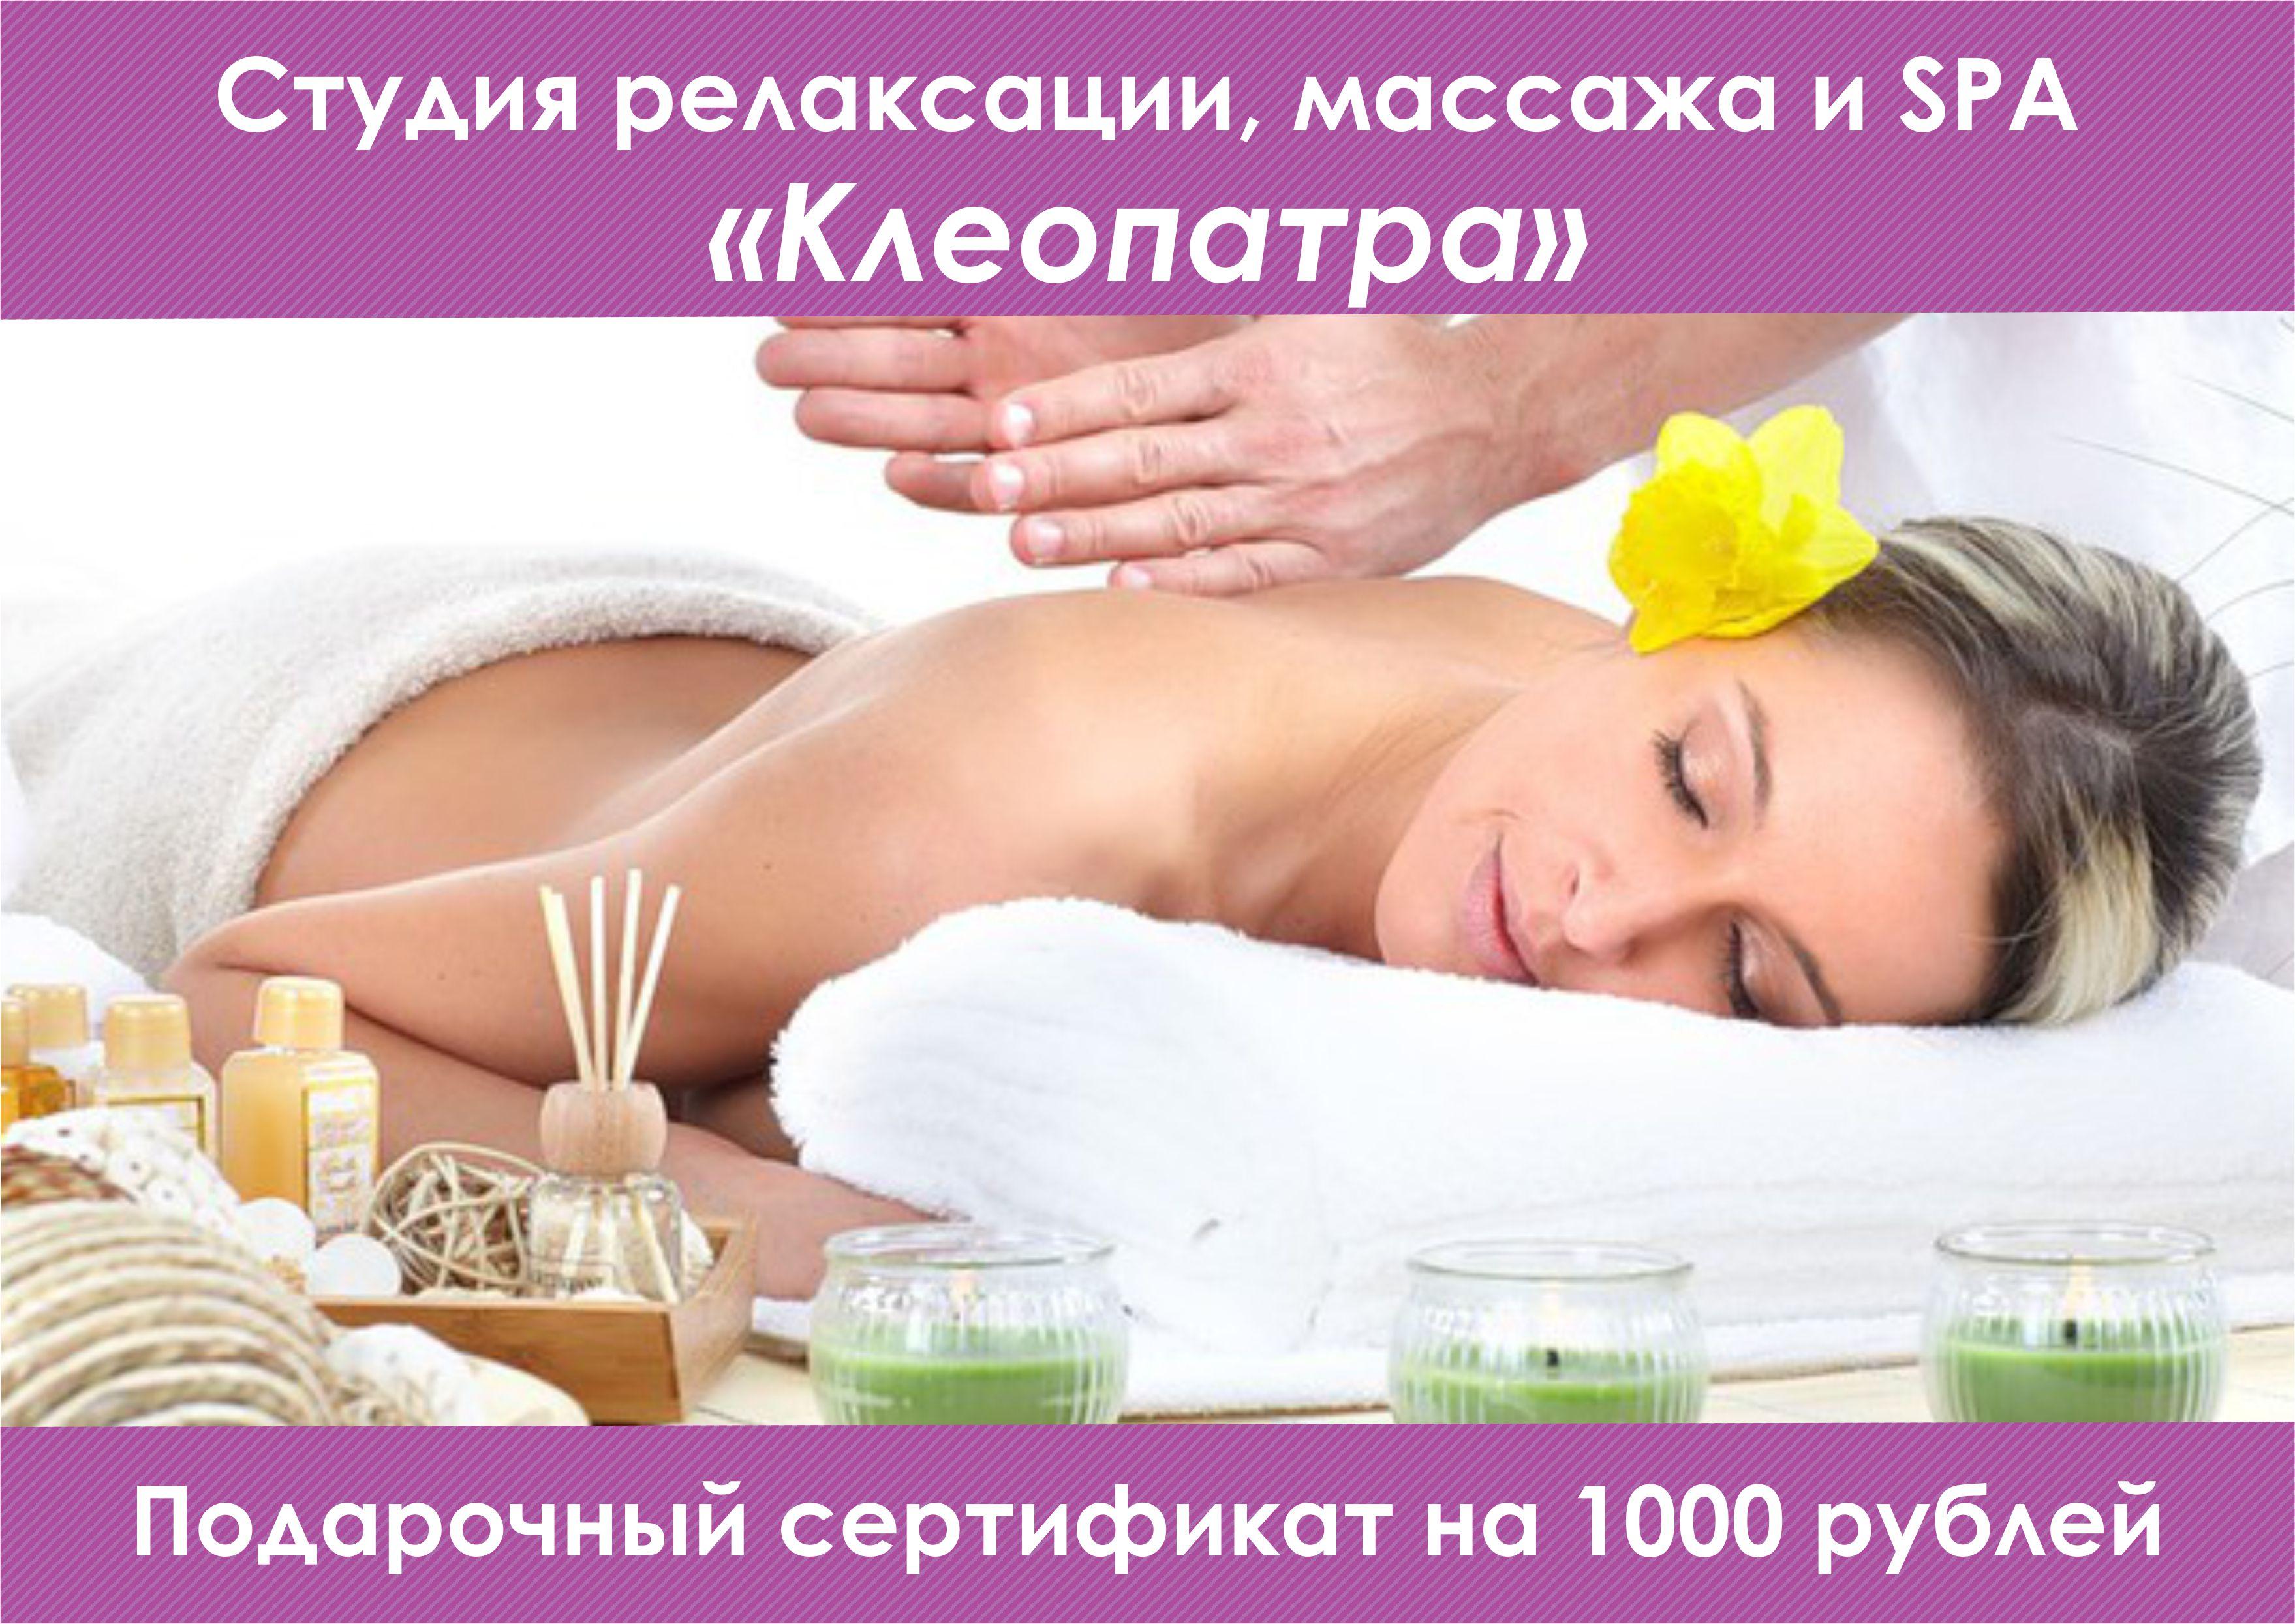 Подарок на 1000 рублей в виде сертификата на посещение СПА-салона